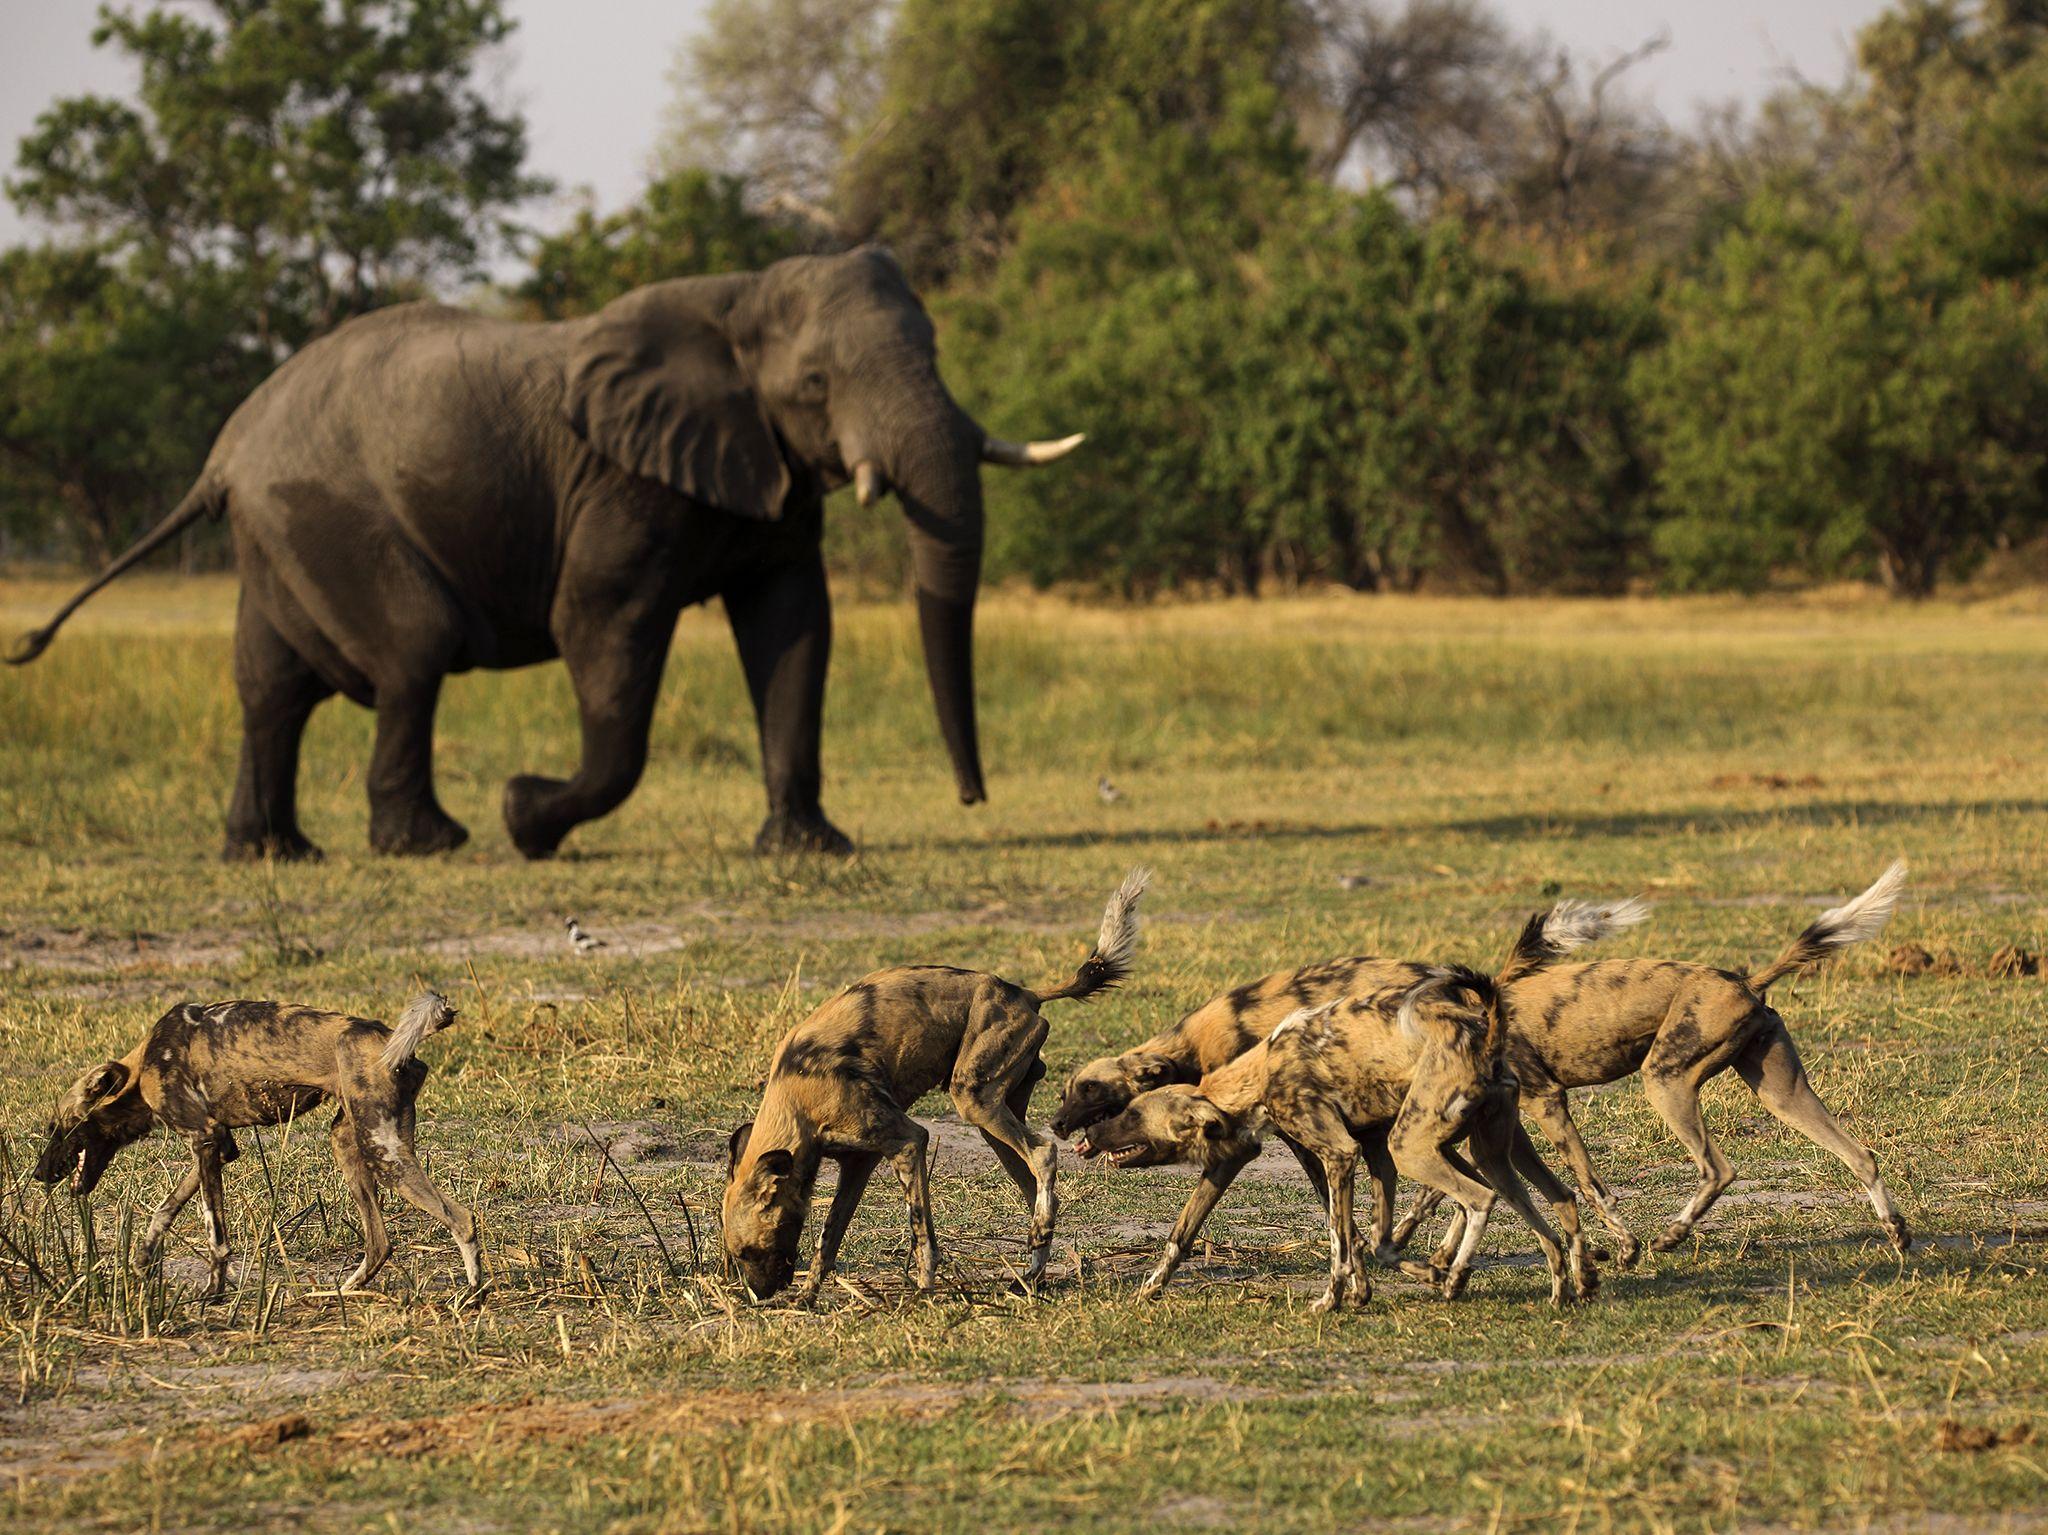 محمية موريمي للحياة البرية، دلتا أوكافانغو،... [Photo of the day - يونيو 2020]